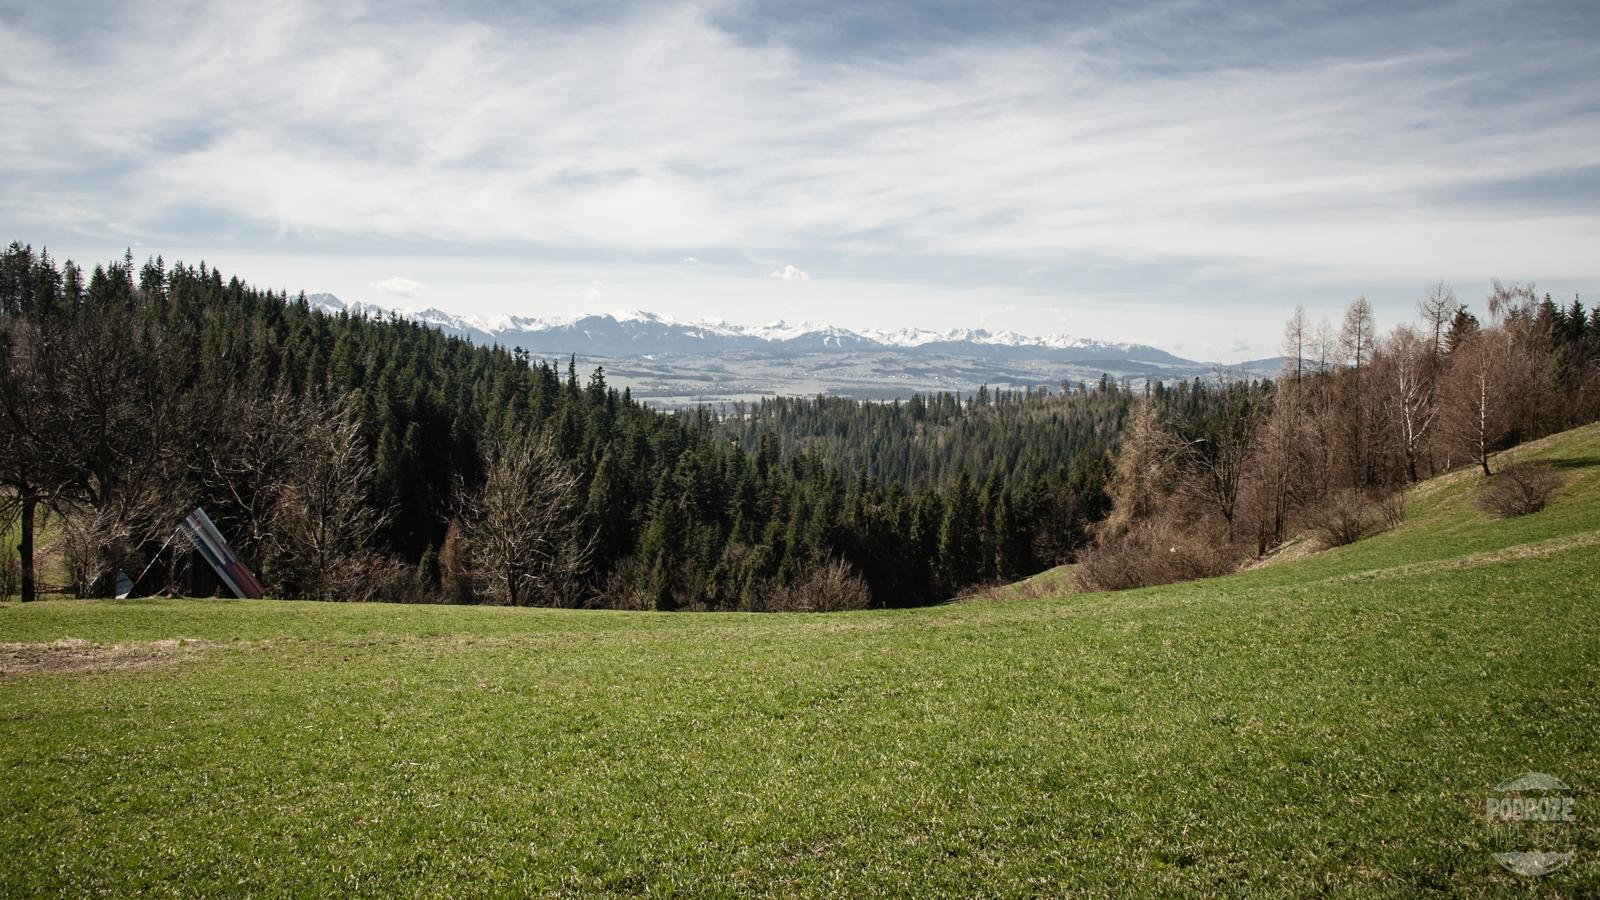 Gorce widok z szlaku na Turbacz. Zarębek Niźny.